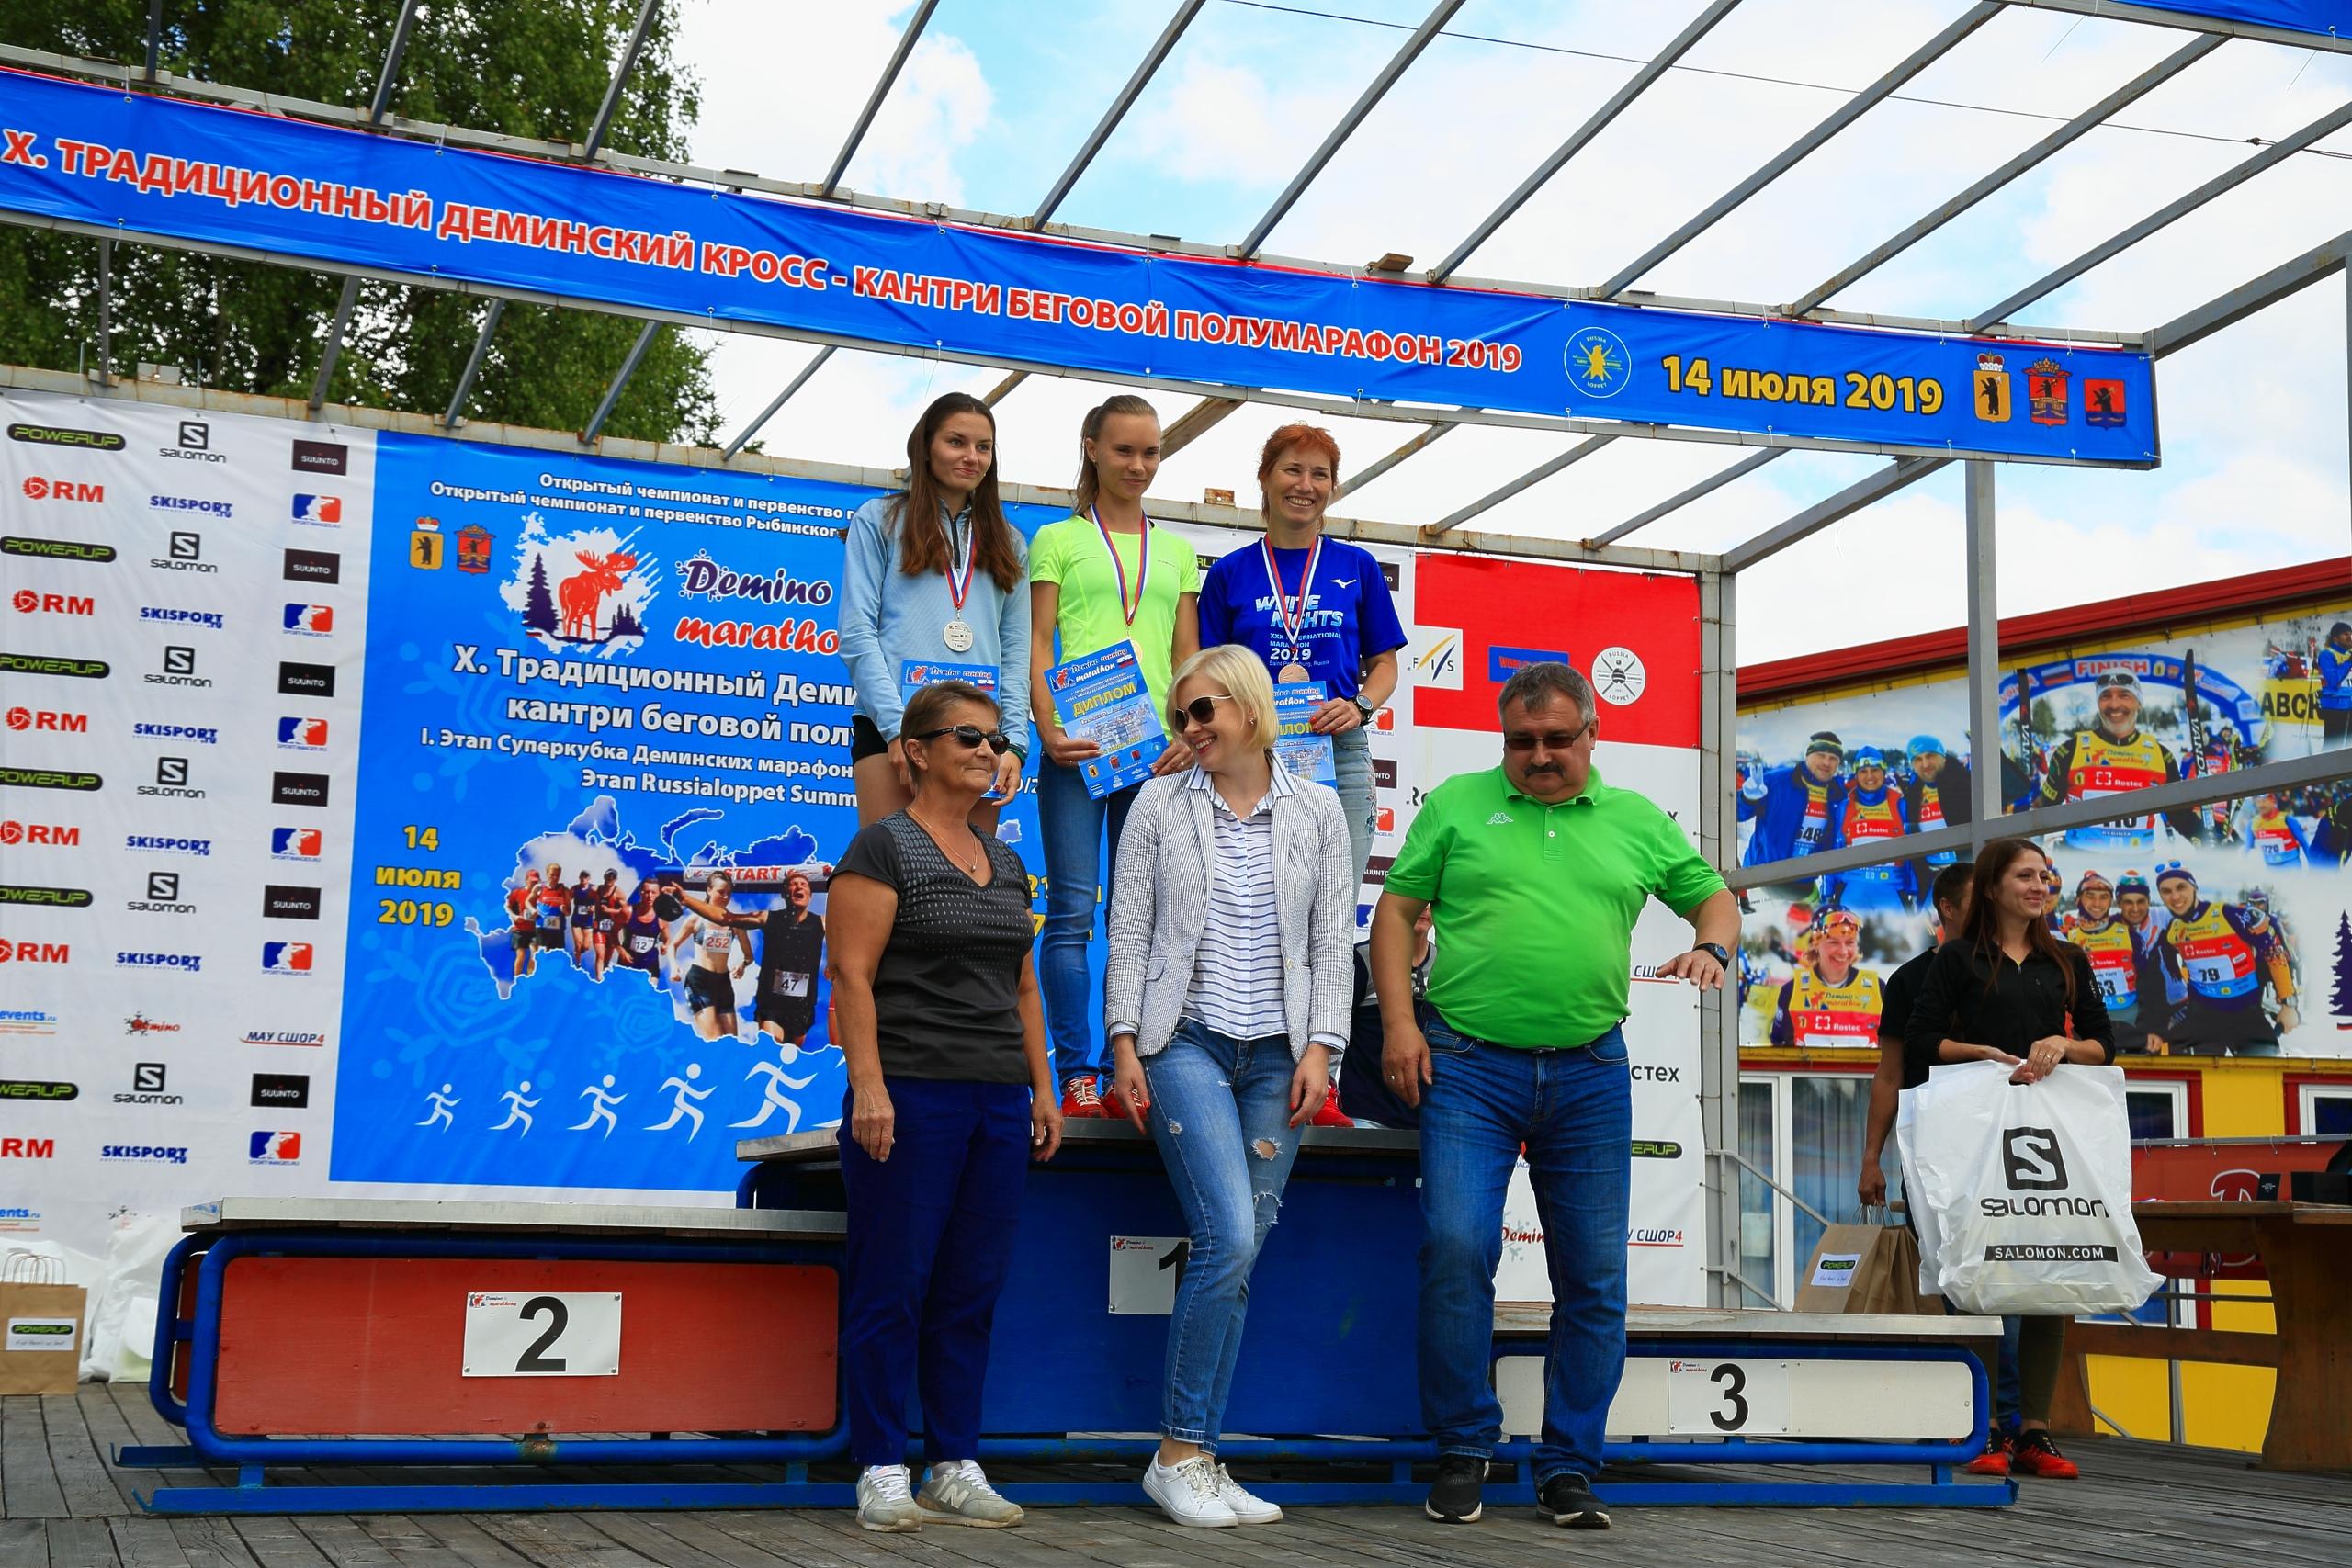 Фотография всех победителей Дёминского кросс-кантри бегового полумарафона 2019